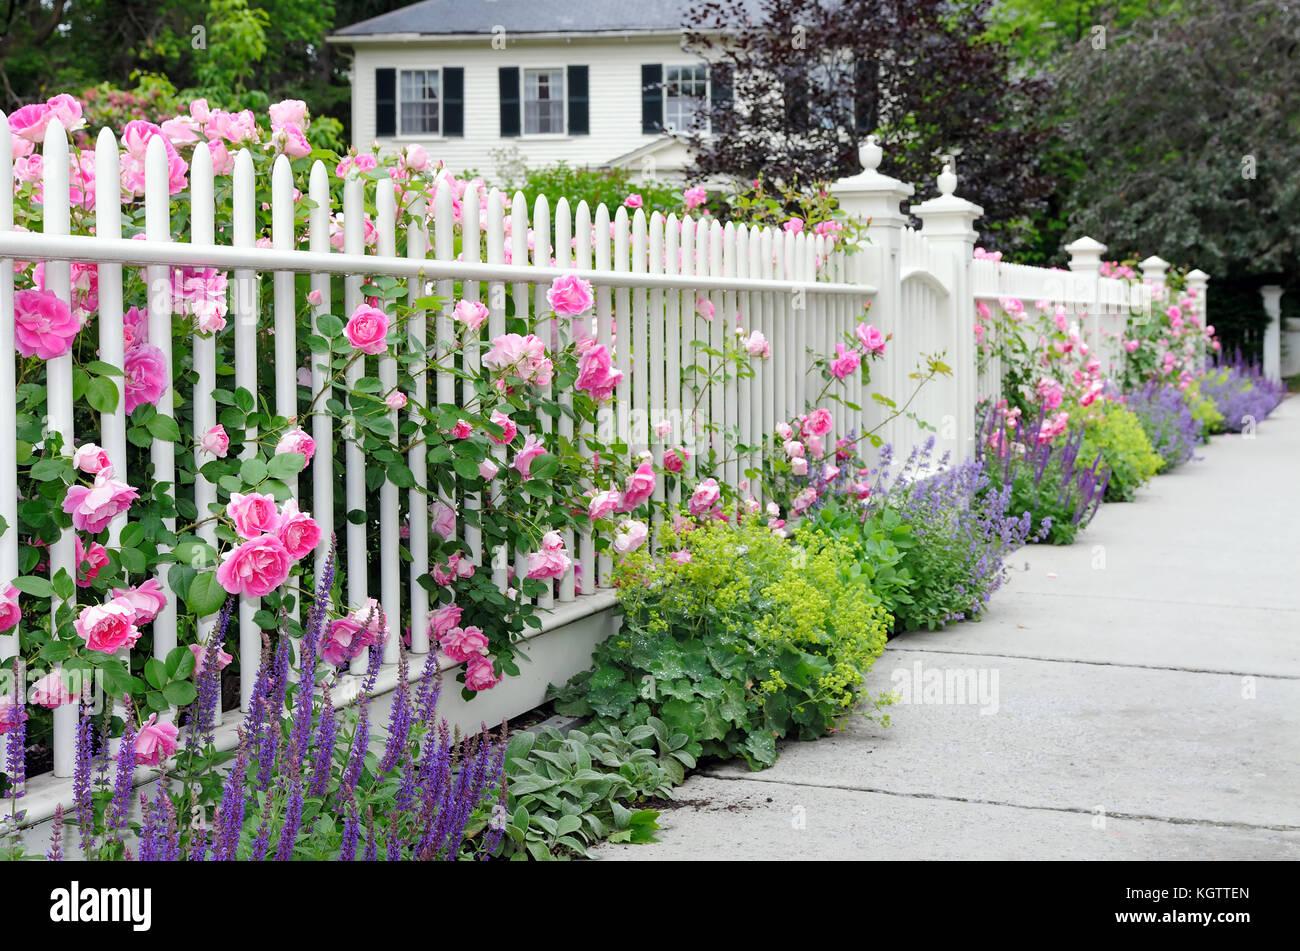 Climbing roses auf zaun und bunten garten grenze wei en for Lila und grun kombinieren